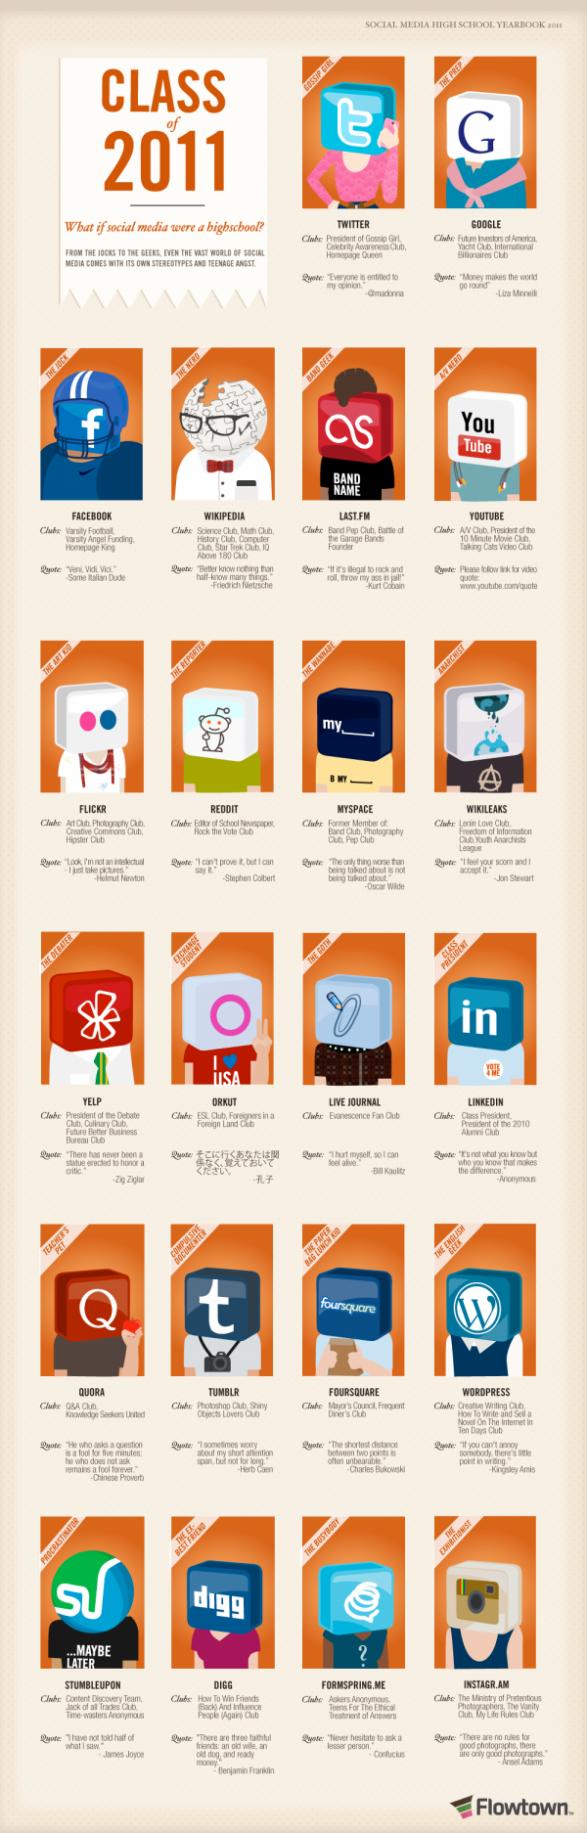 réseaux sociaux infographie élèves secondaire